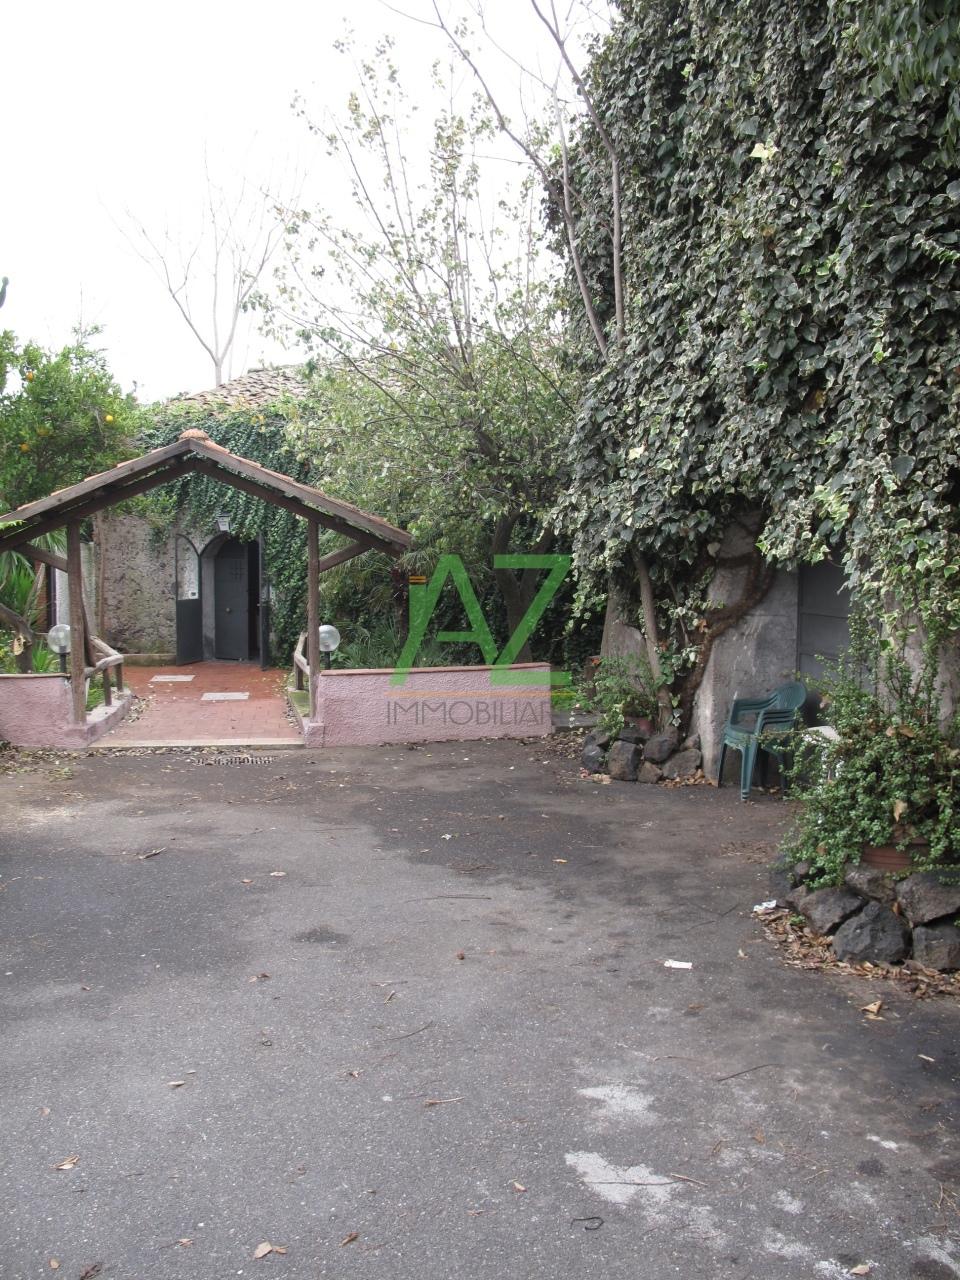 Rustico / Casale in affitto a Misterbianco, 9999 locali, Trattative riservate | Cambio Casa.it